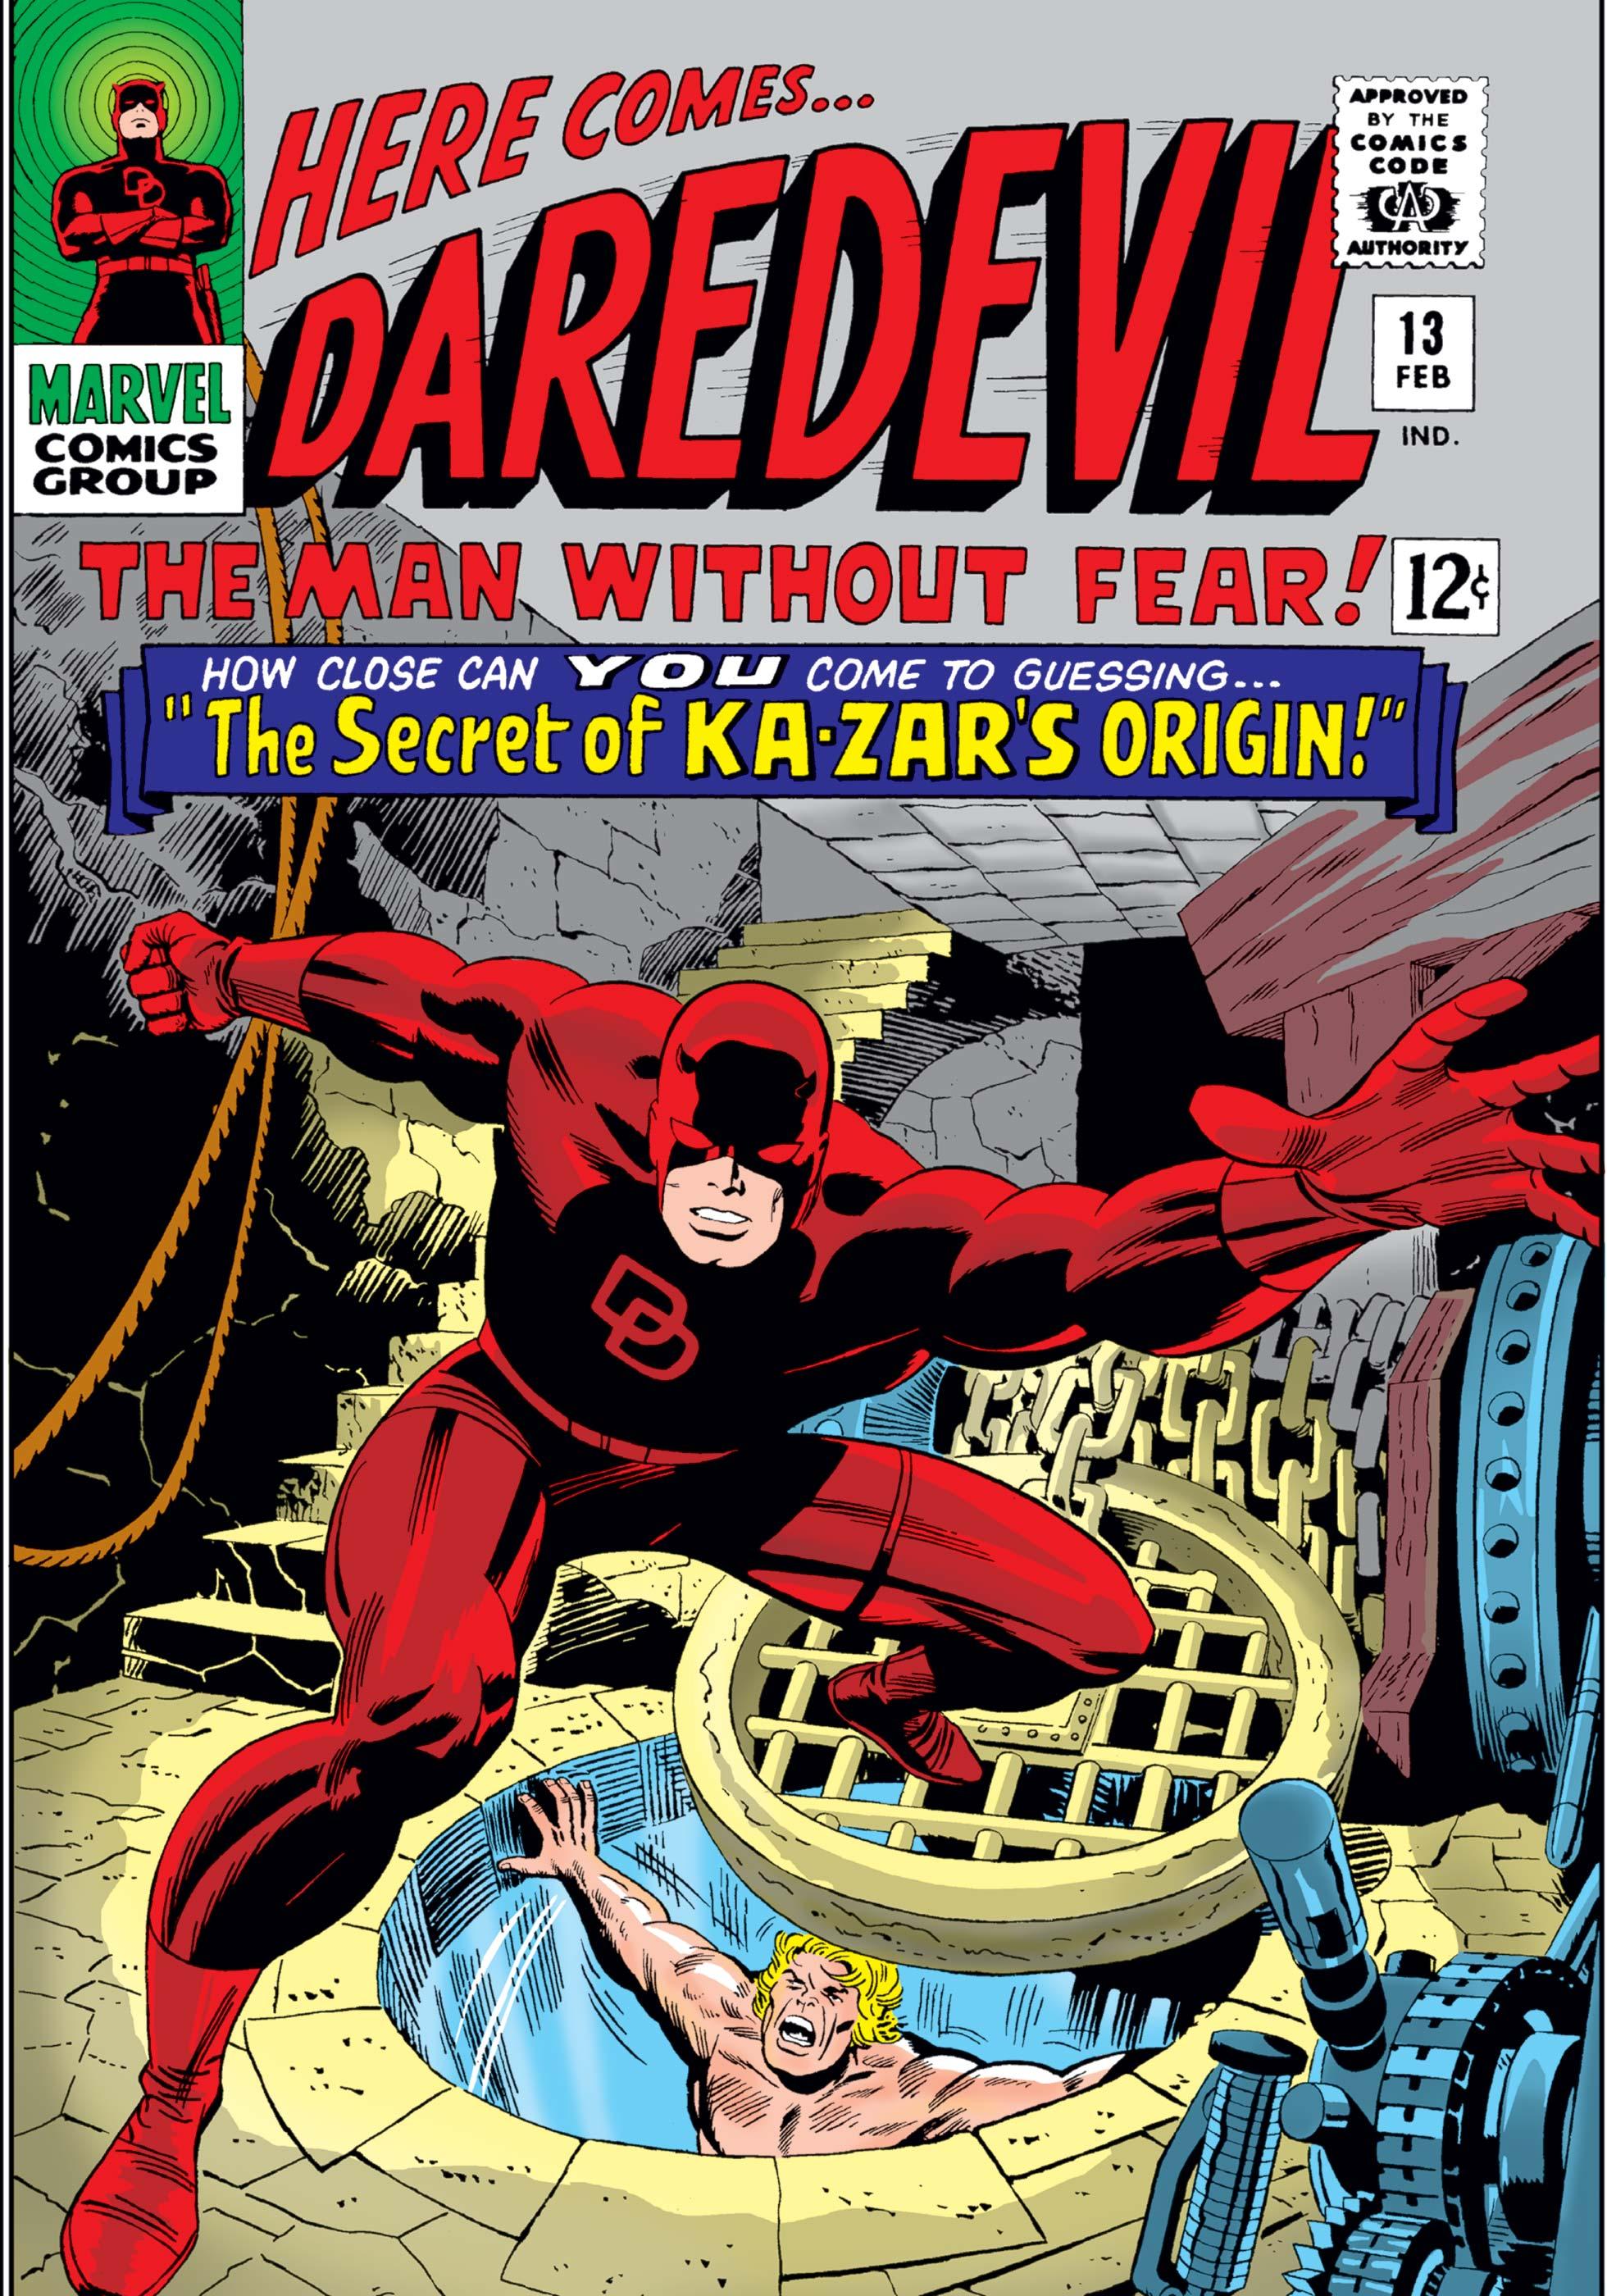 Daredevil (1964) #13